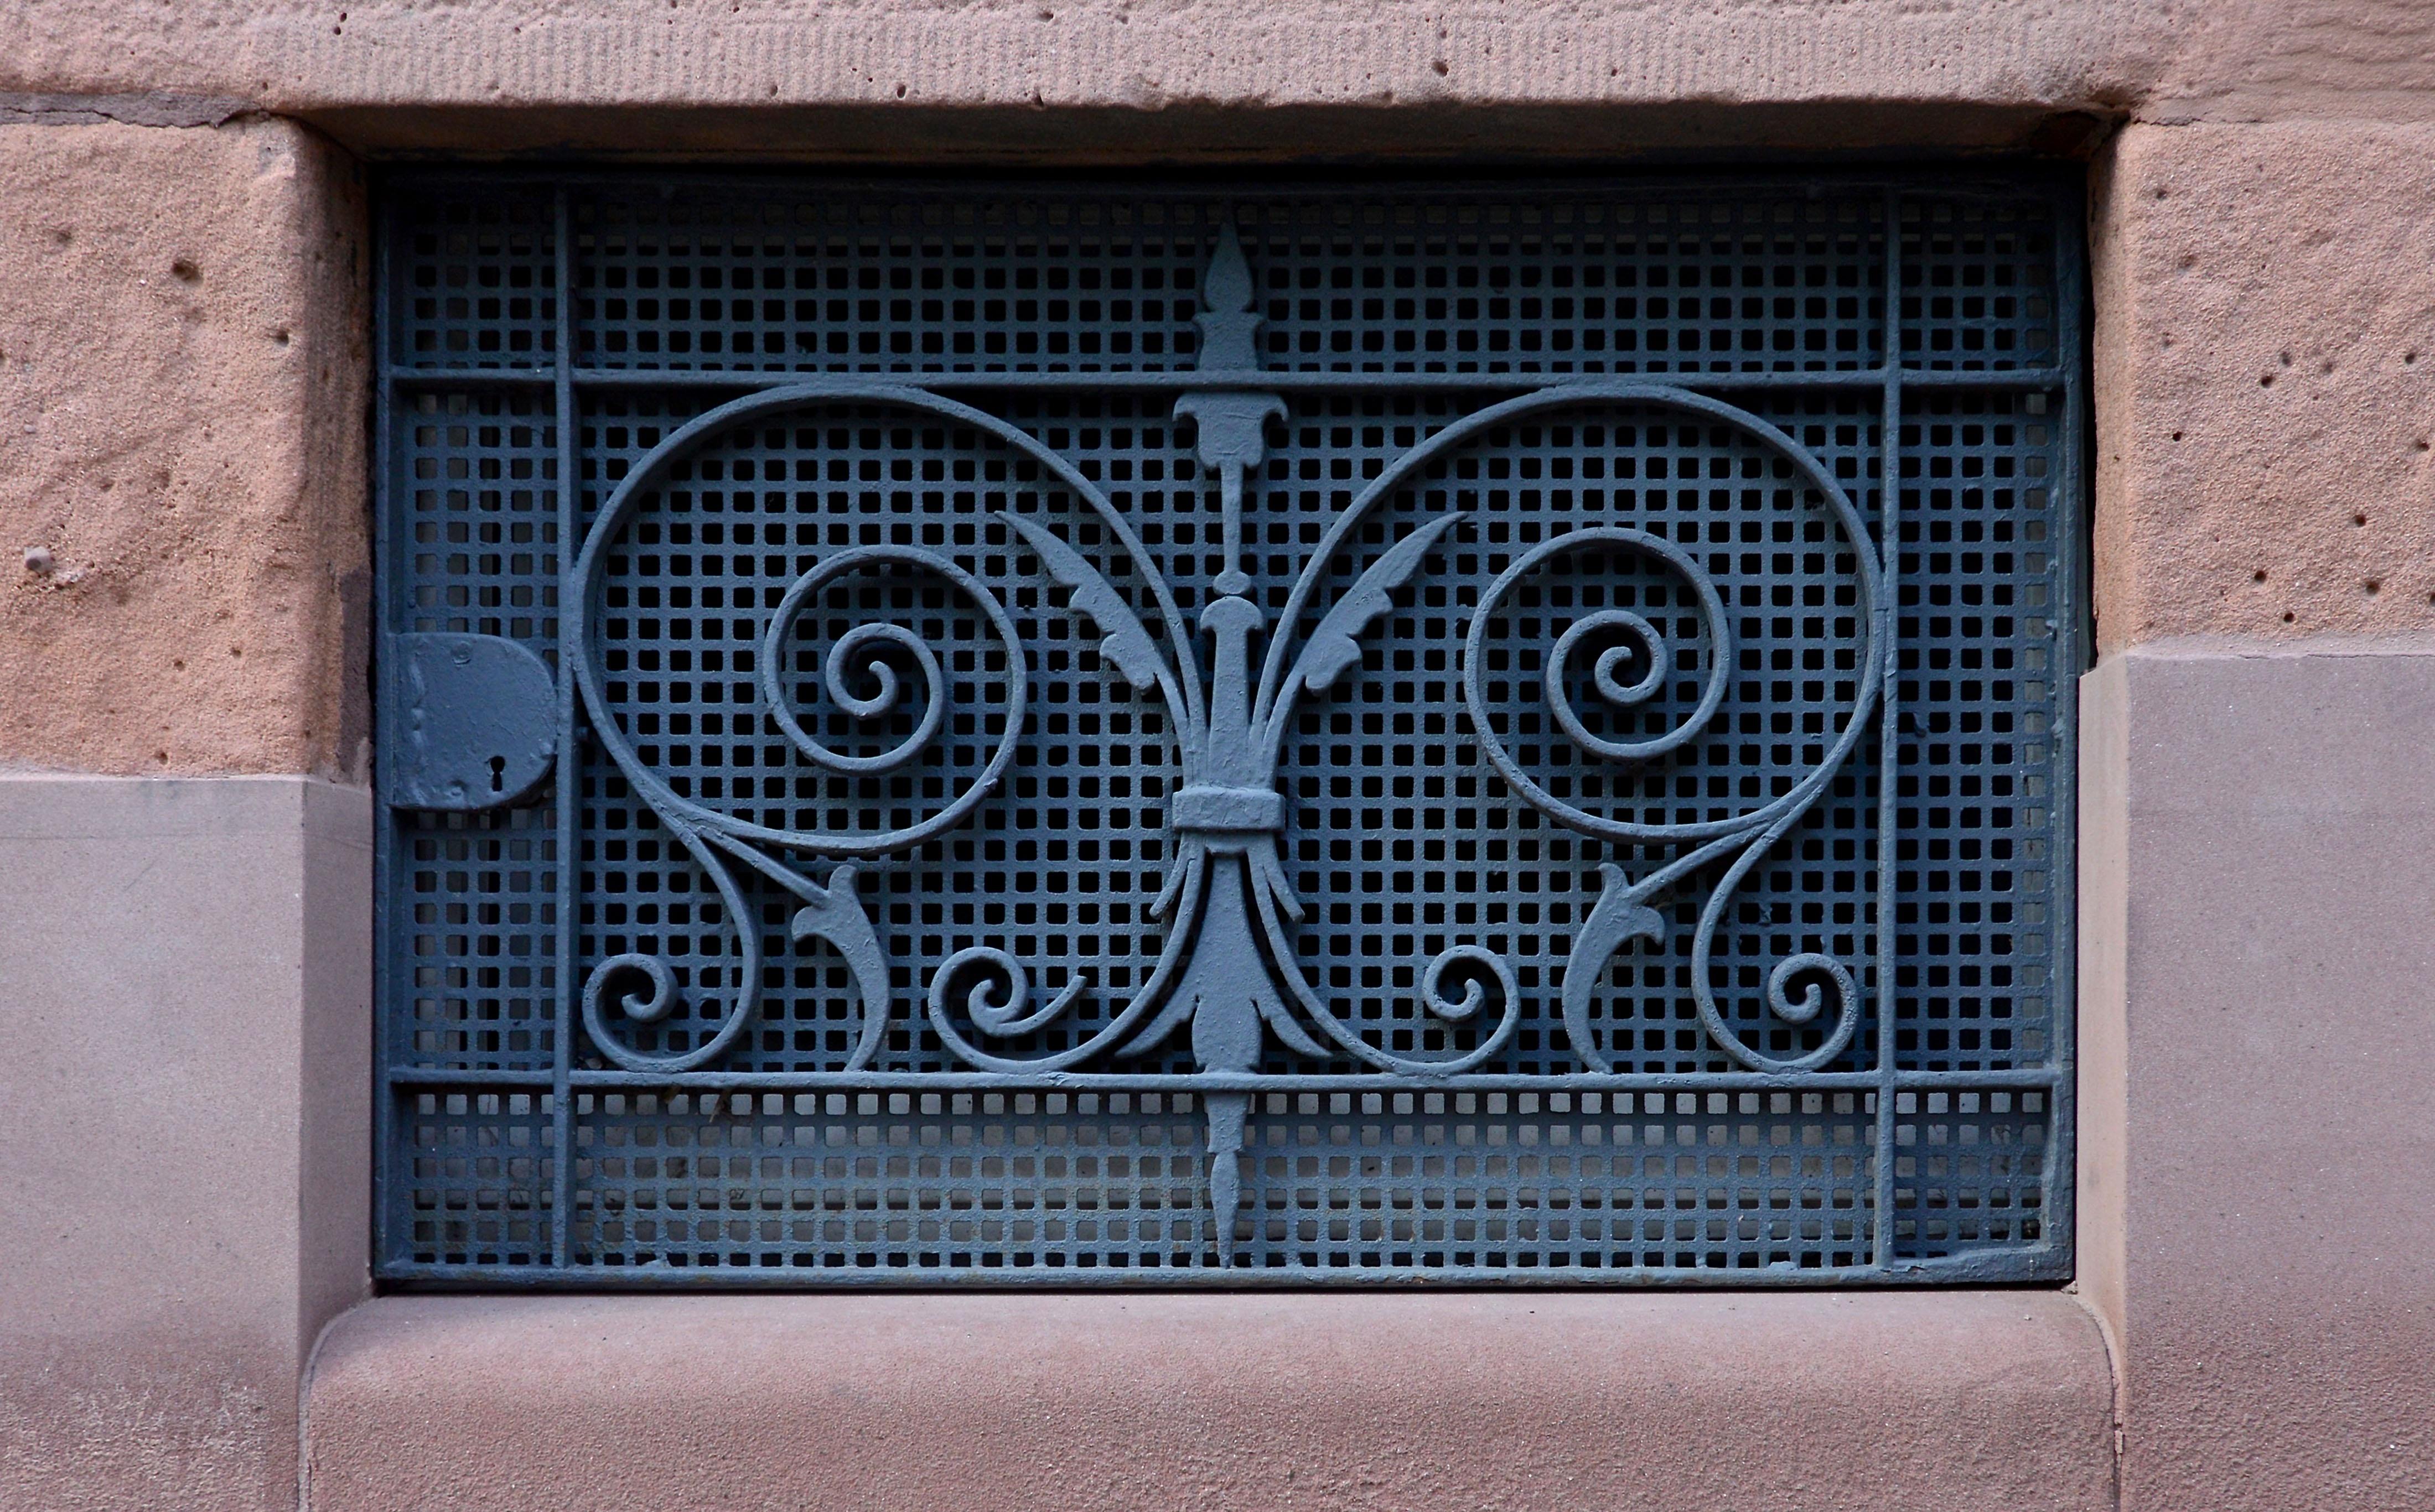 Kostenlose foto : die Architektur, Fenster, Nummer, Gebäude, Mauer ...